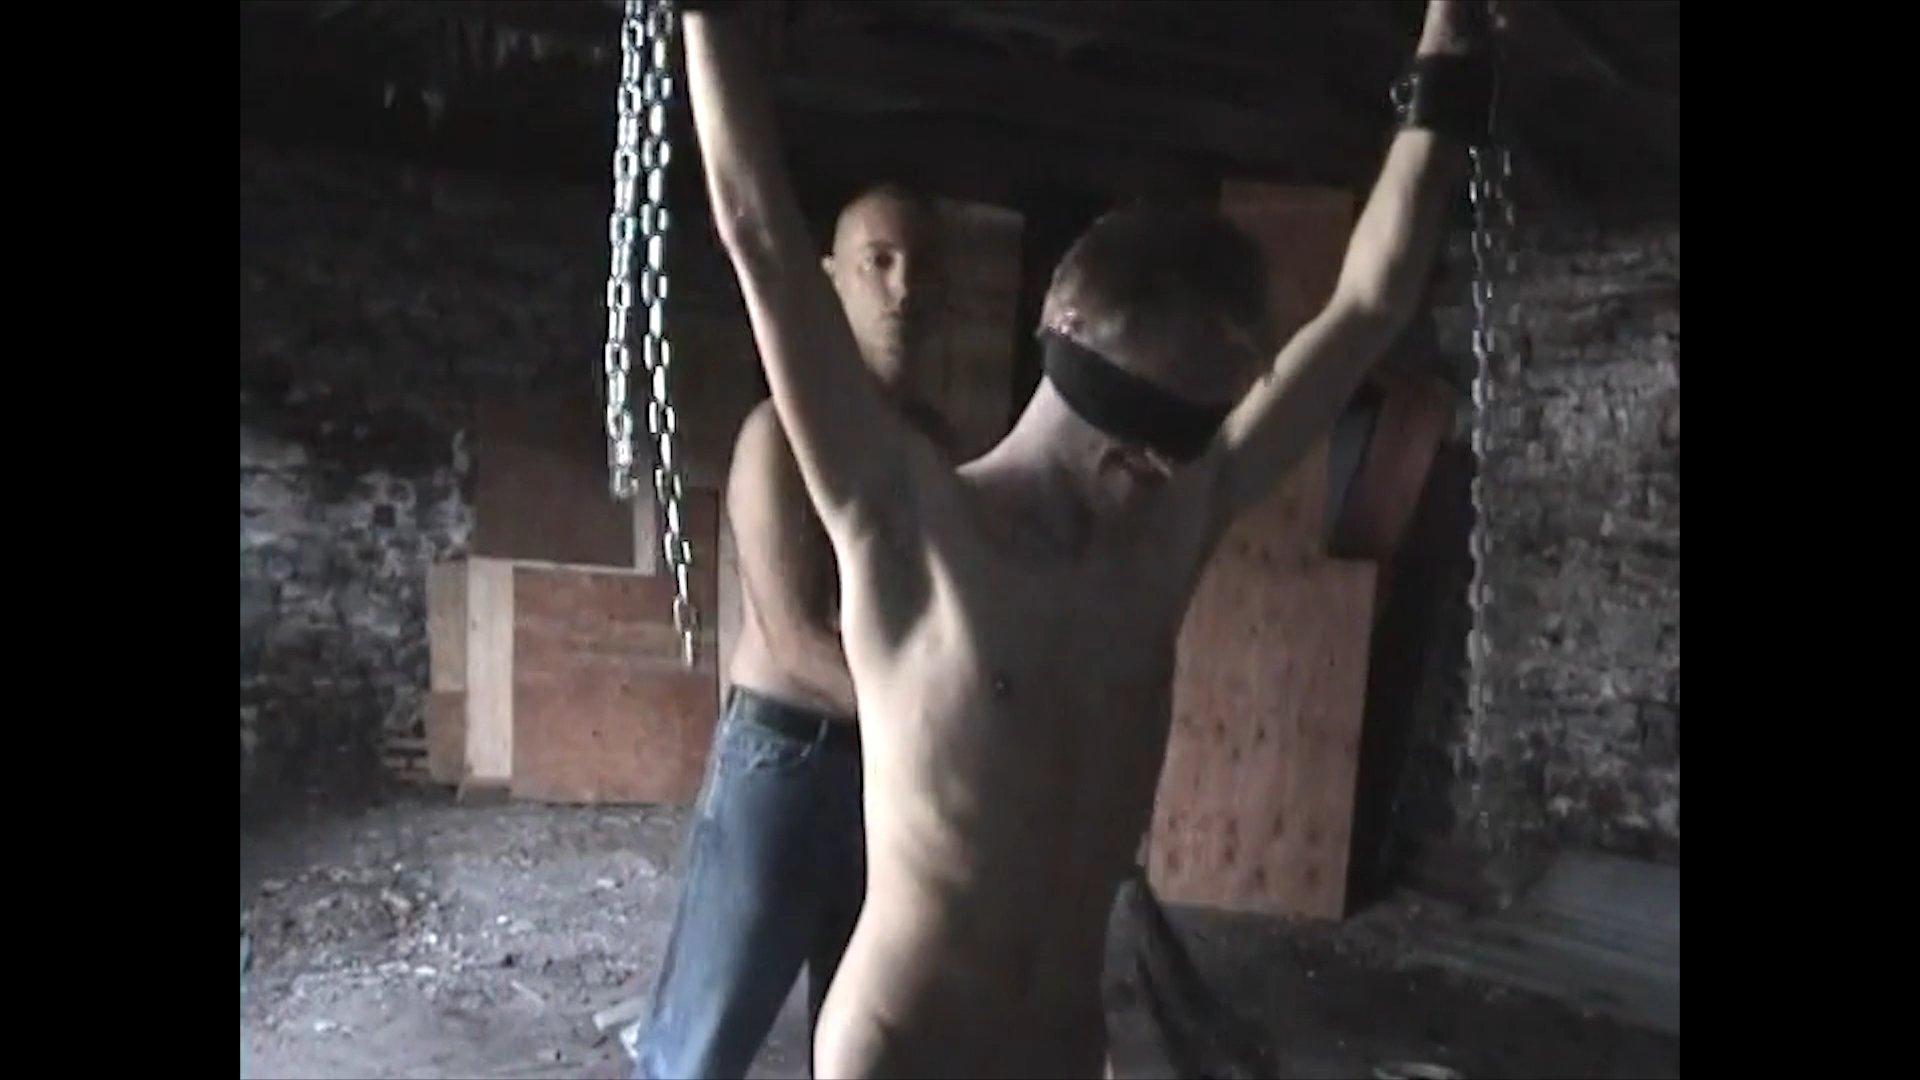 Catch a Thief: Slave Training pt. 1